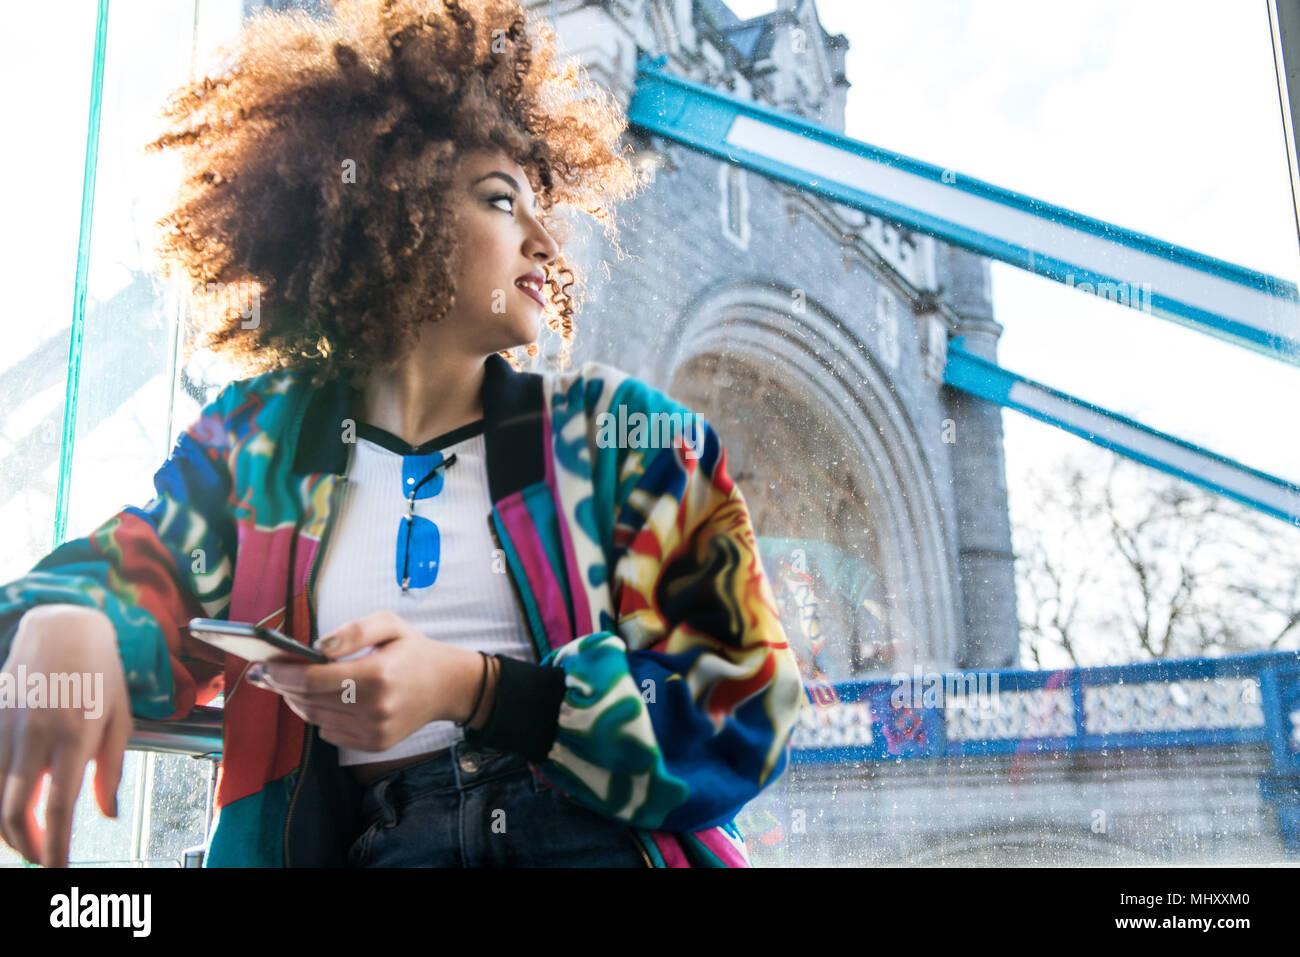 Ragazza giovane all'aperto, tenendo lo smartphone, guardando lontano, Tower Bridge in background, London, England, Regno Unito Immagini Stock